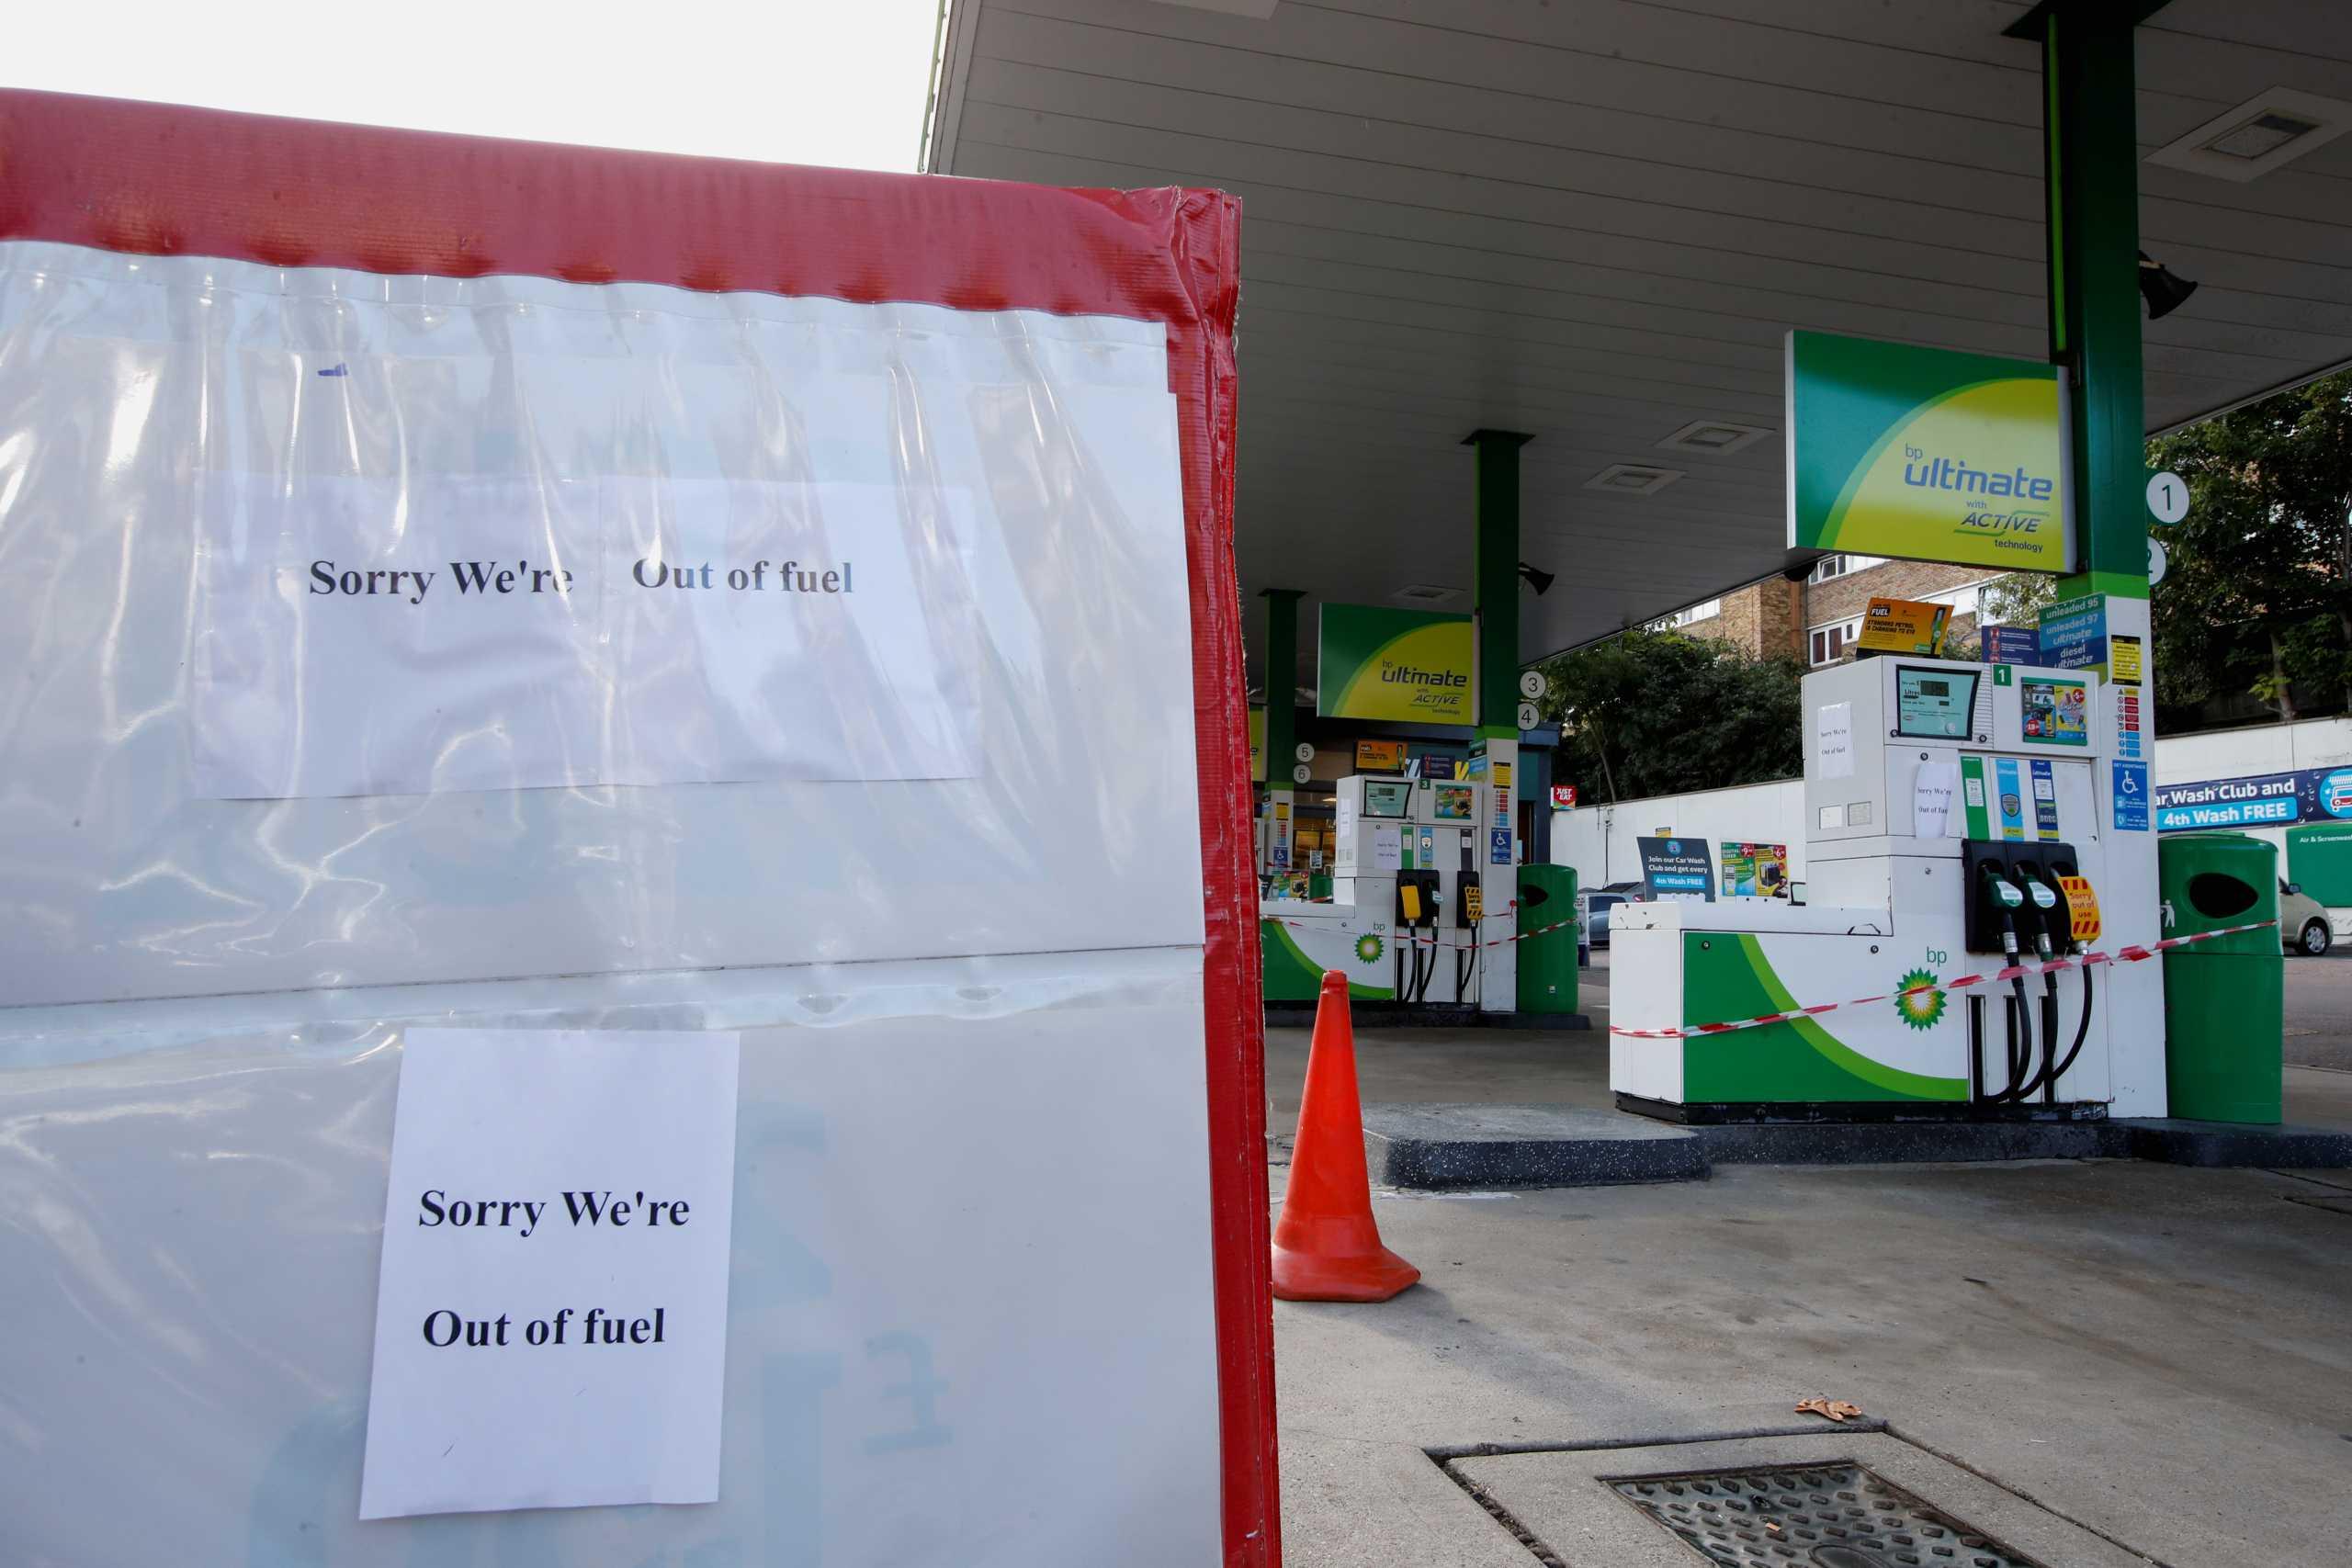 Βρετανία: Τα καύσιμα εξαντλήθηκαν στο 1/3 του δικτύου της BP – Πρωτοφανείς εικόνες στα βενζινάδικα